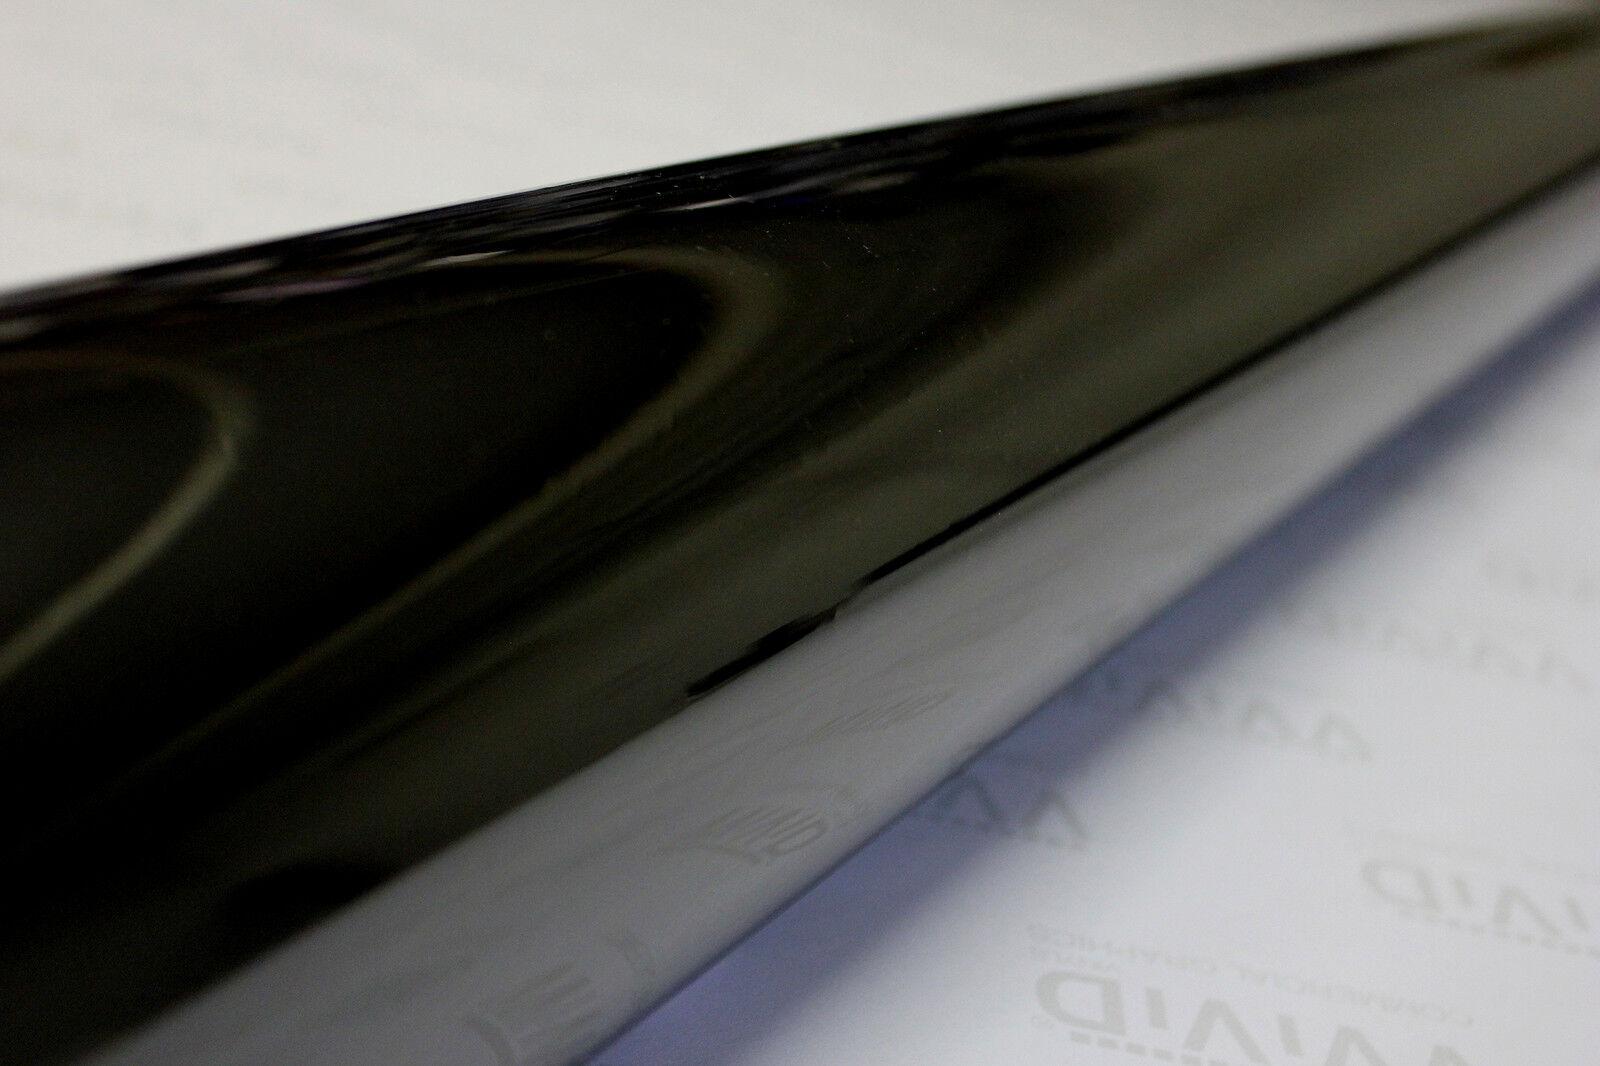 Tintado película 30m X 1,52 M vvivid9 20% VLT Anti-uv de 2 capas de oficina